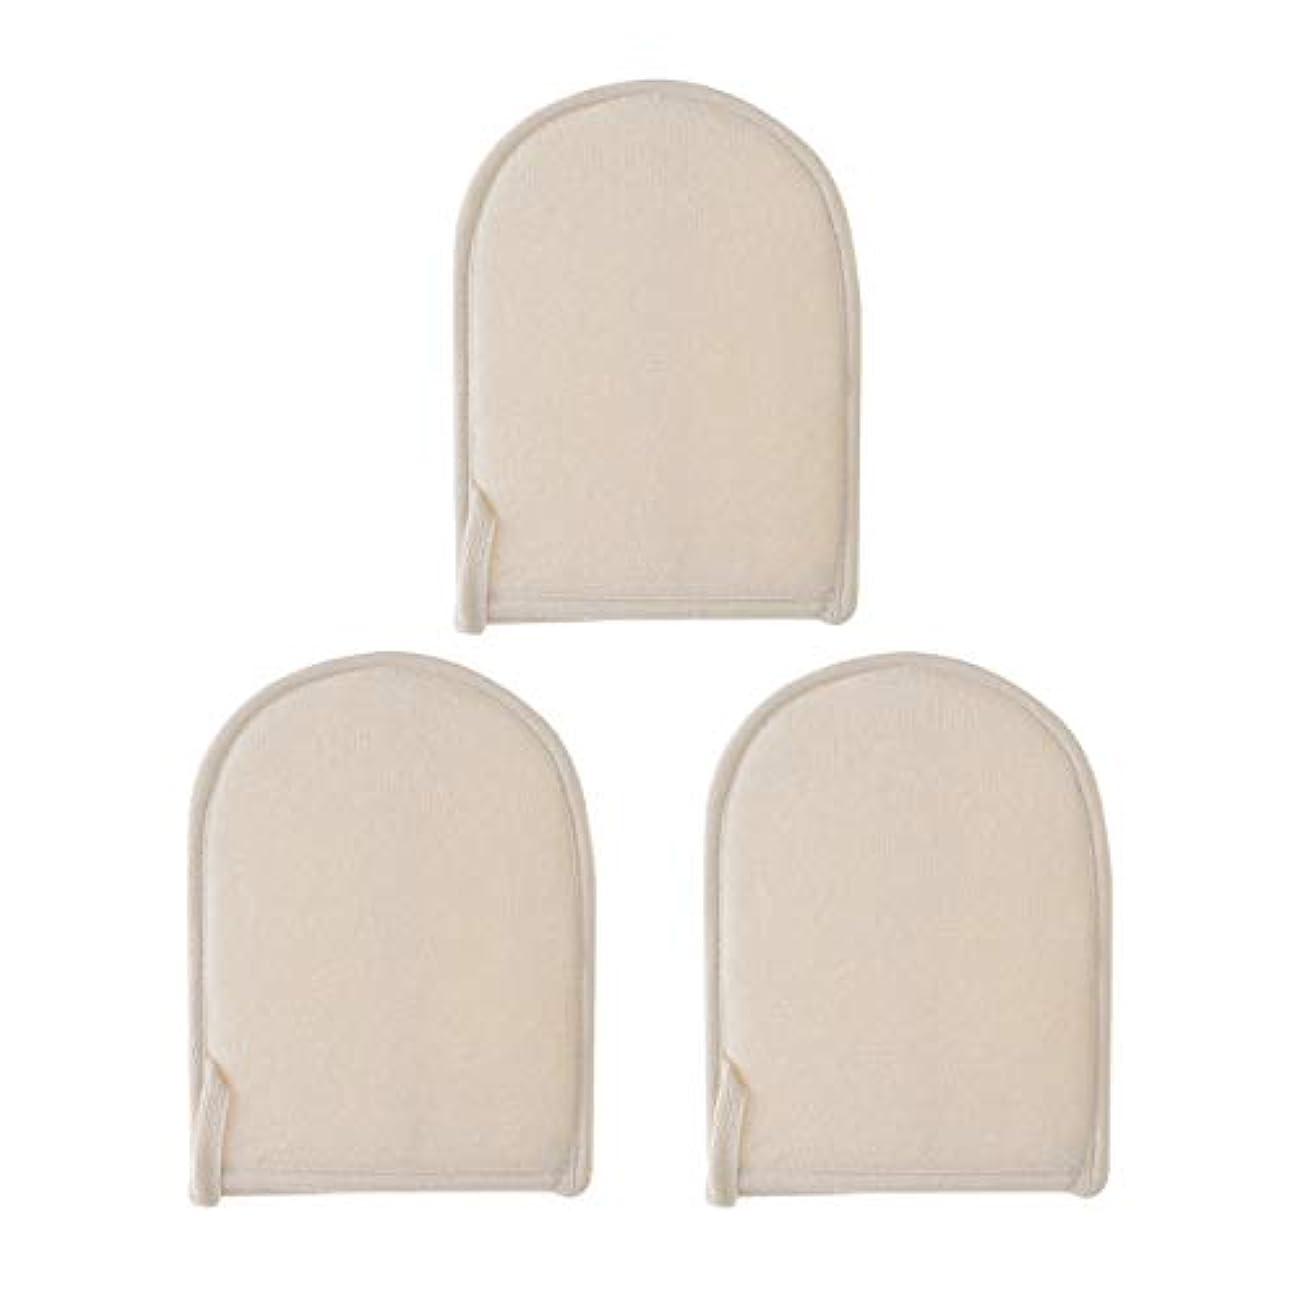 保険をかける適度に熟達SUPVOX 3ピース剥離loofahパッドナチュラルLoofahスポンジ手袋風呂スクラバーブラシ用ボディフェイス